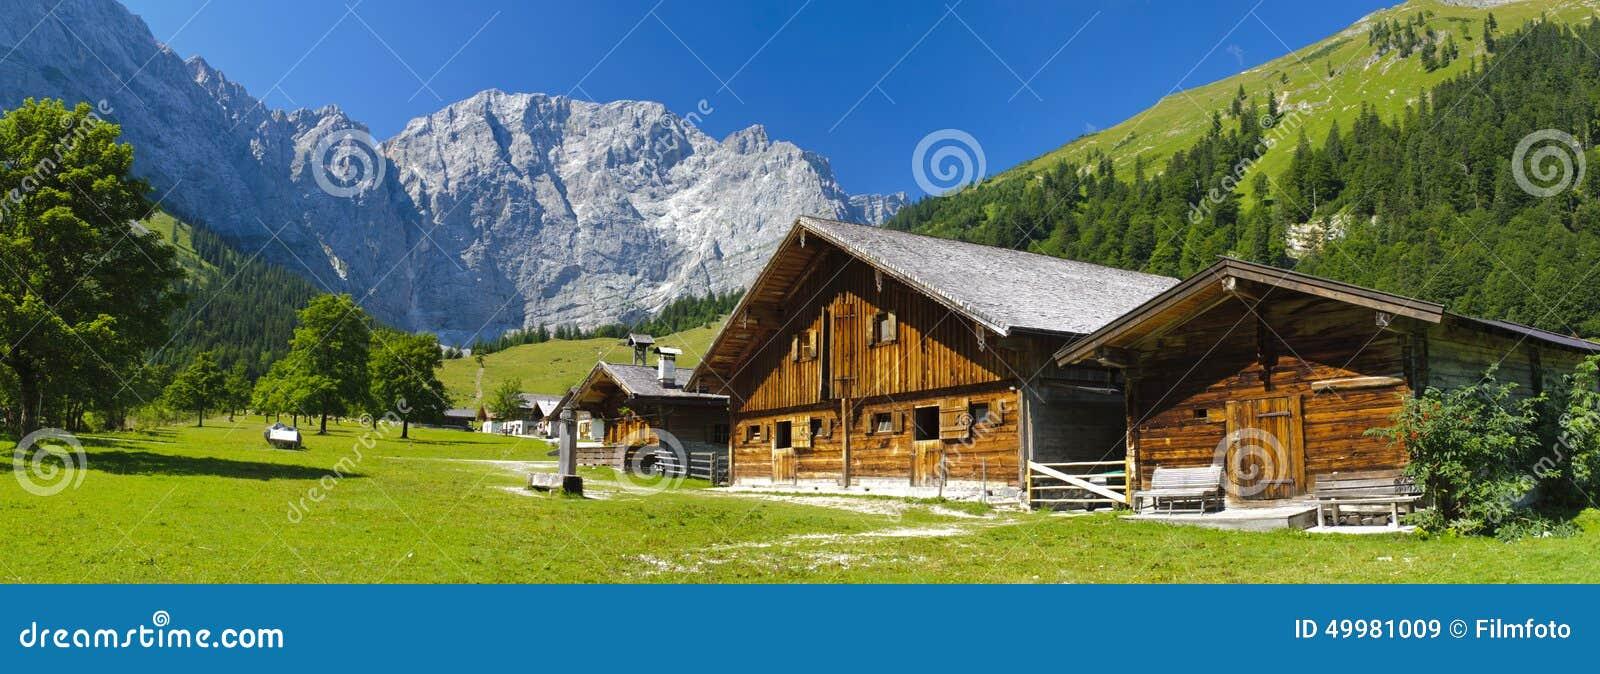 Panoramat landskap i bavaria